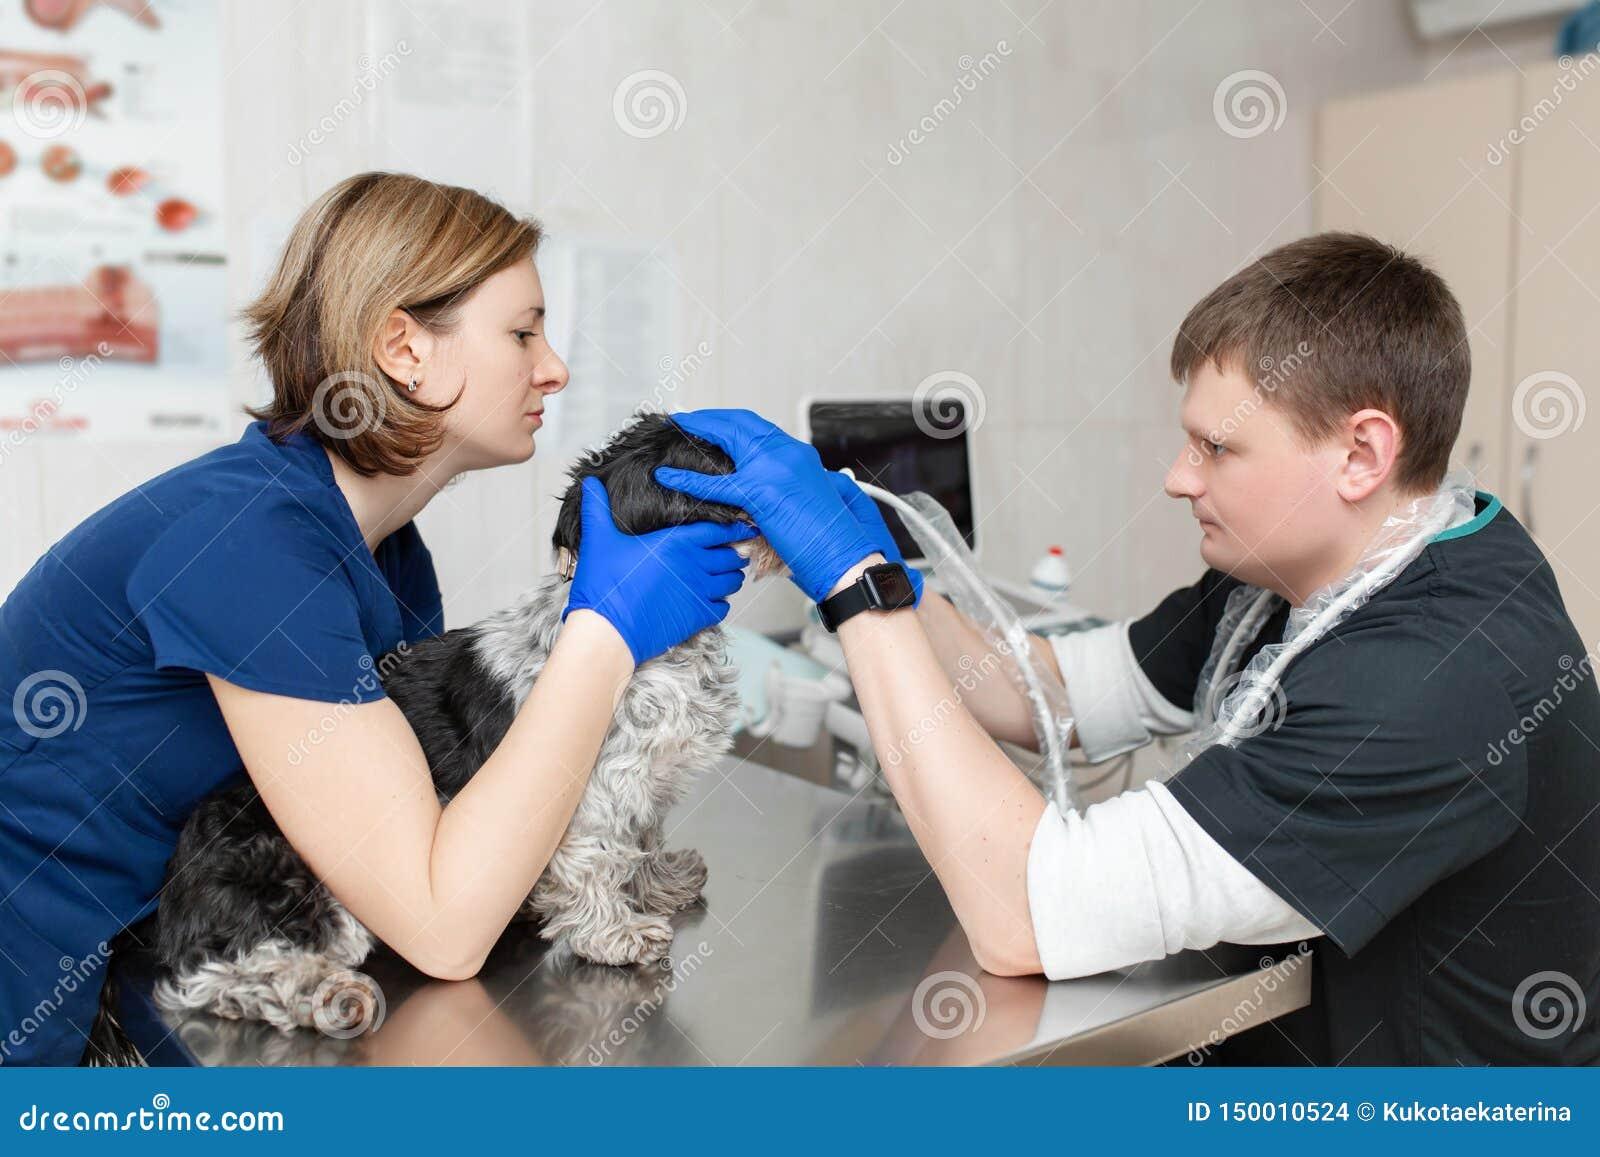 E Ajudas assistentes para manter o cão quando o doutor for um veterinário